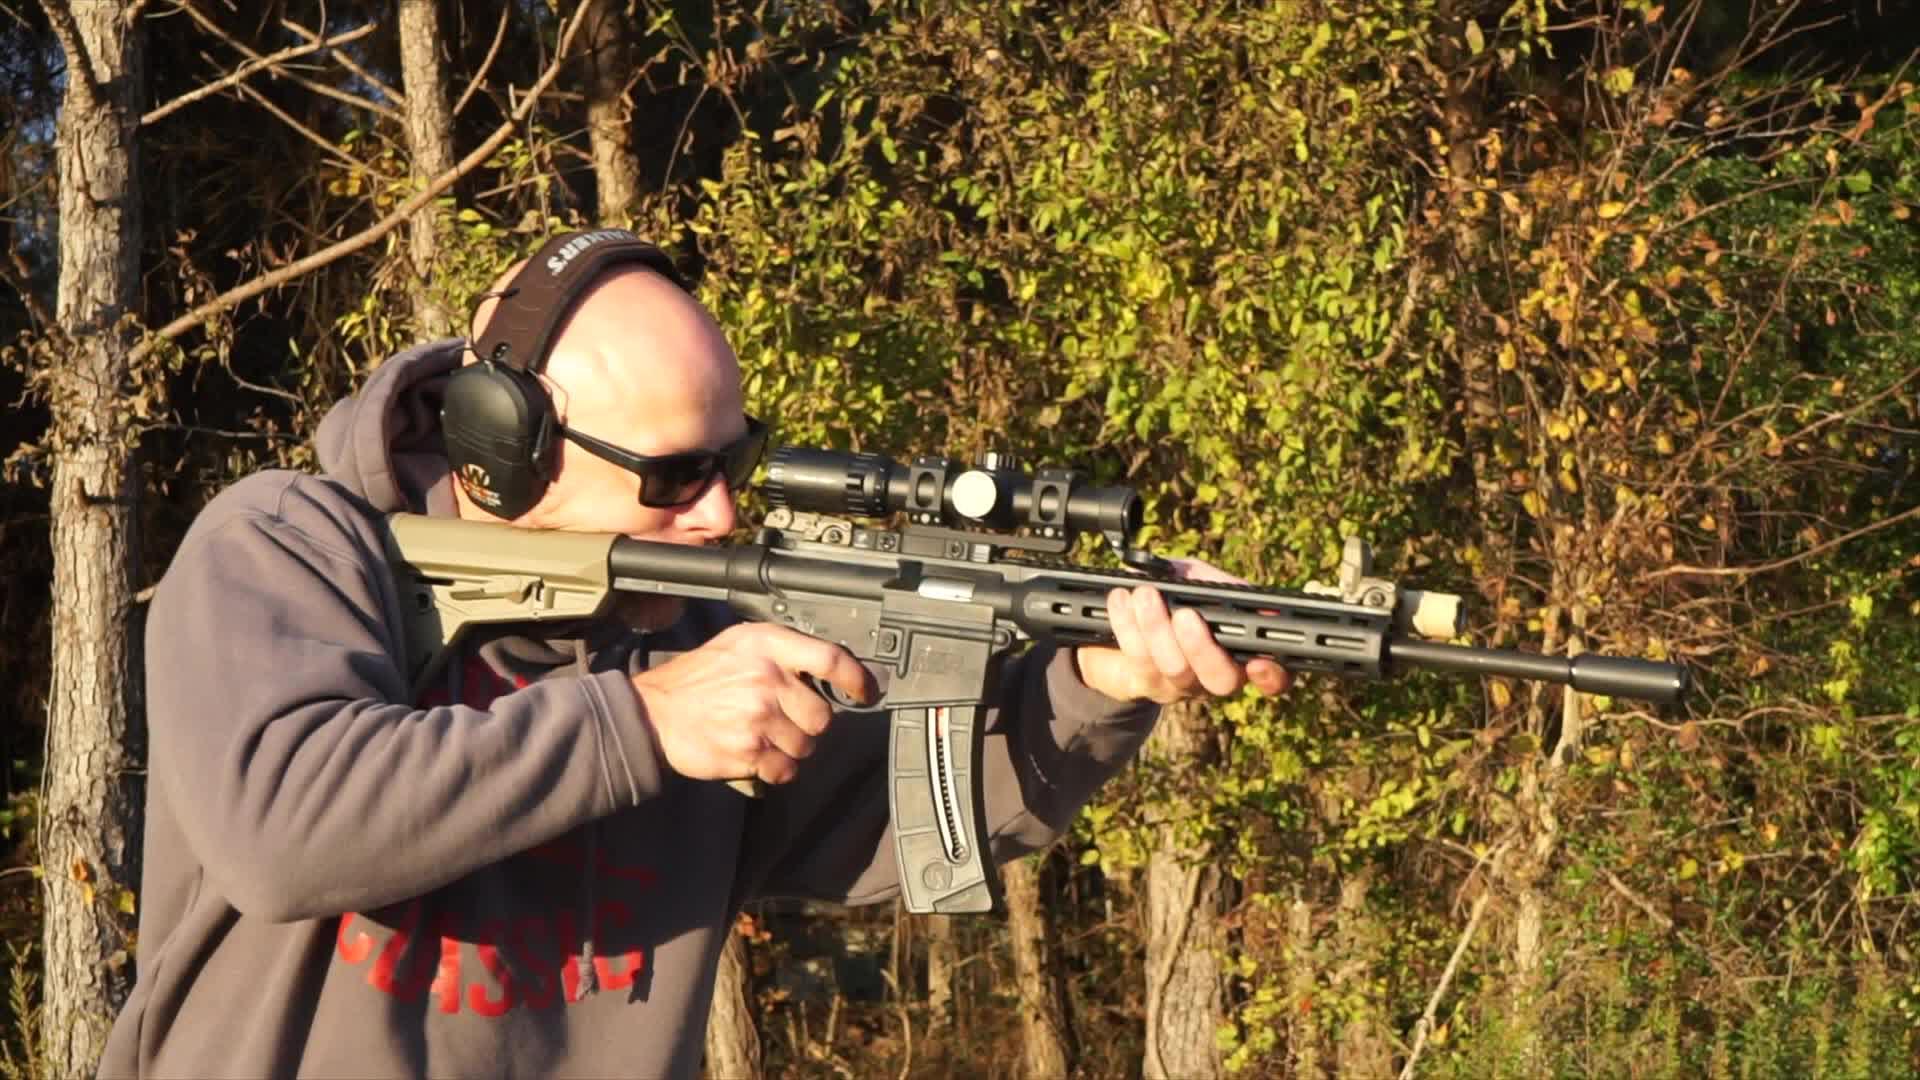 史密斯韦森MP15-22小口径步枪,配备消音器射击,消音效果真好